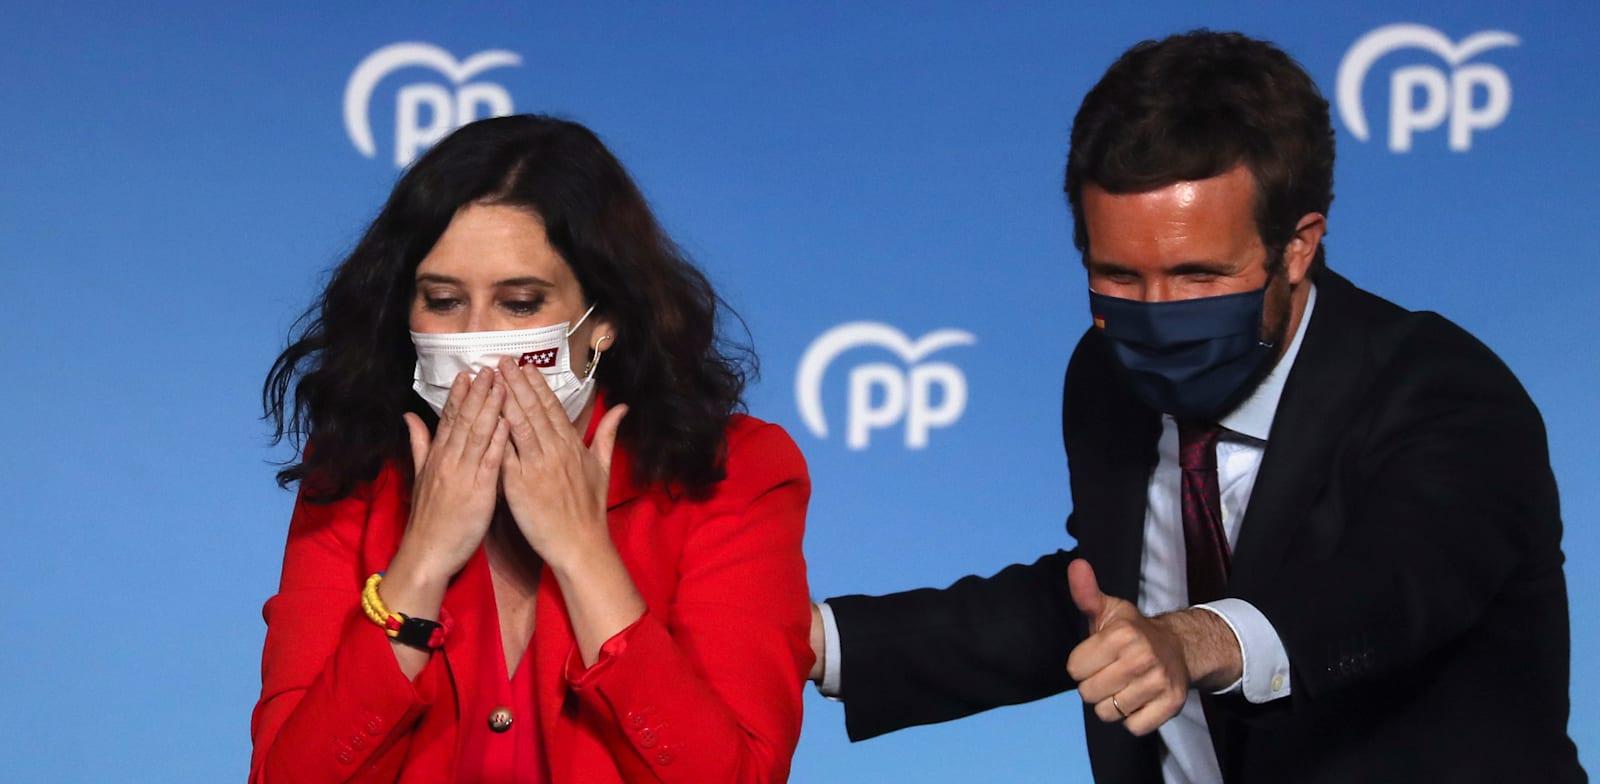 איזבל דיאז איוסו ופאבלו קאסאדו חוגגים את תוצאות הבחירות / צילום: Reuters, Susana Vera